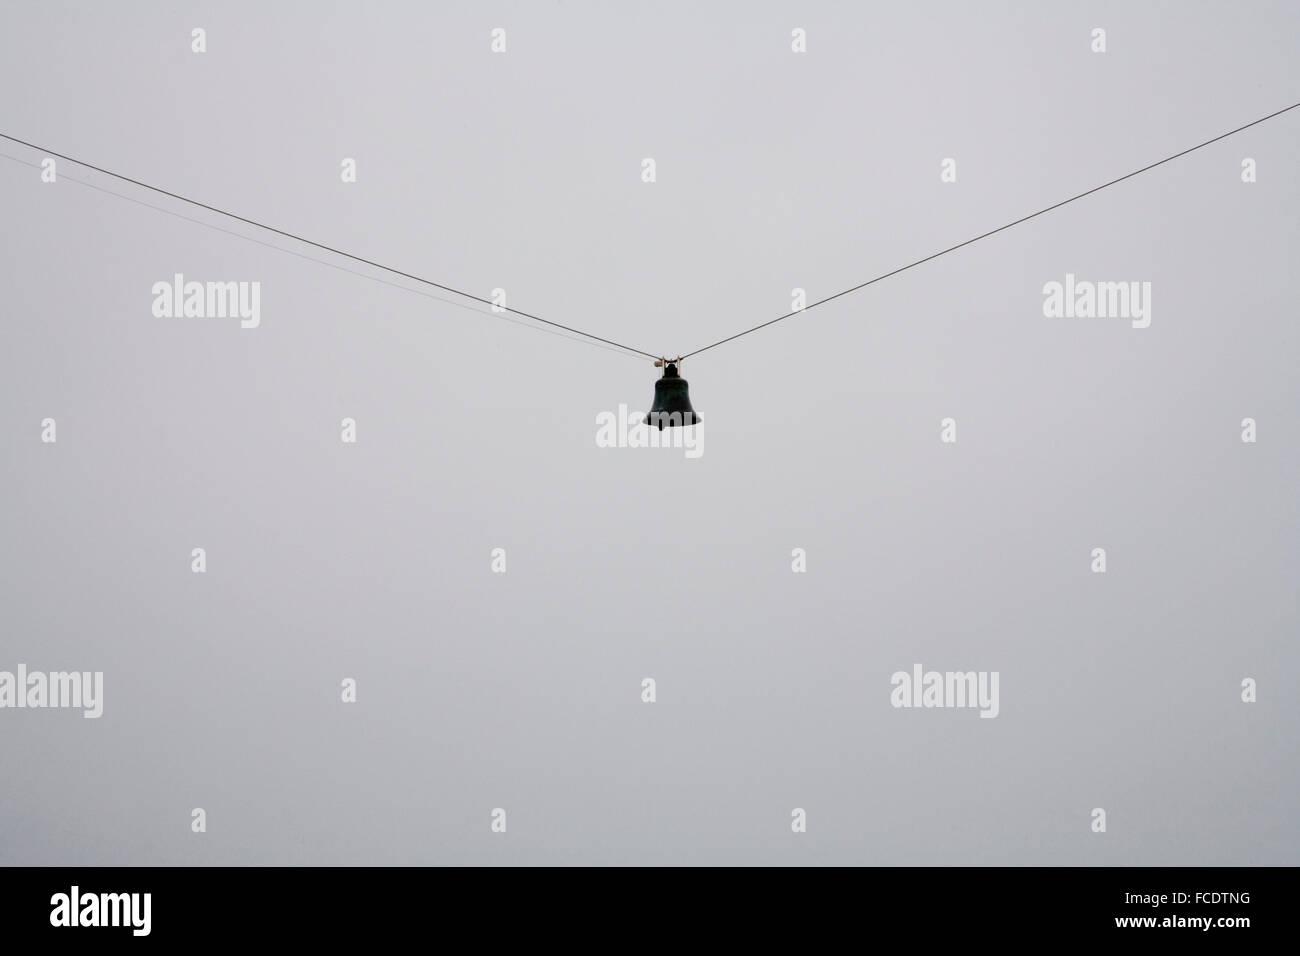 La pendaison de Bell sur le fil avec ciel gris Banque D'Images